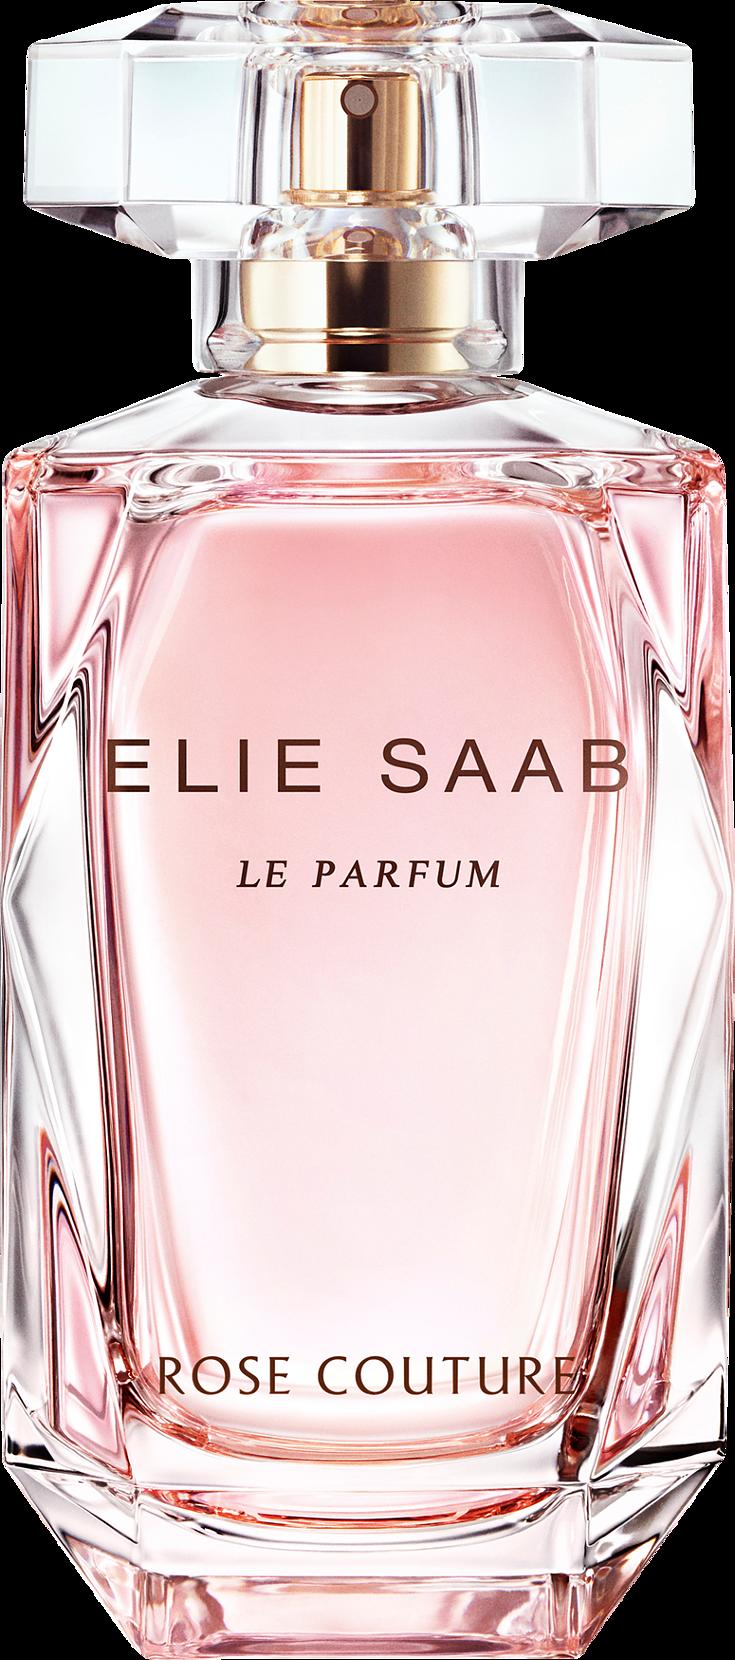 Elie Saab Le Parfum Rose Couture Eau De Toilette Spray Perfume Elie Saab Perfume Elie Saab